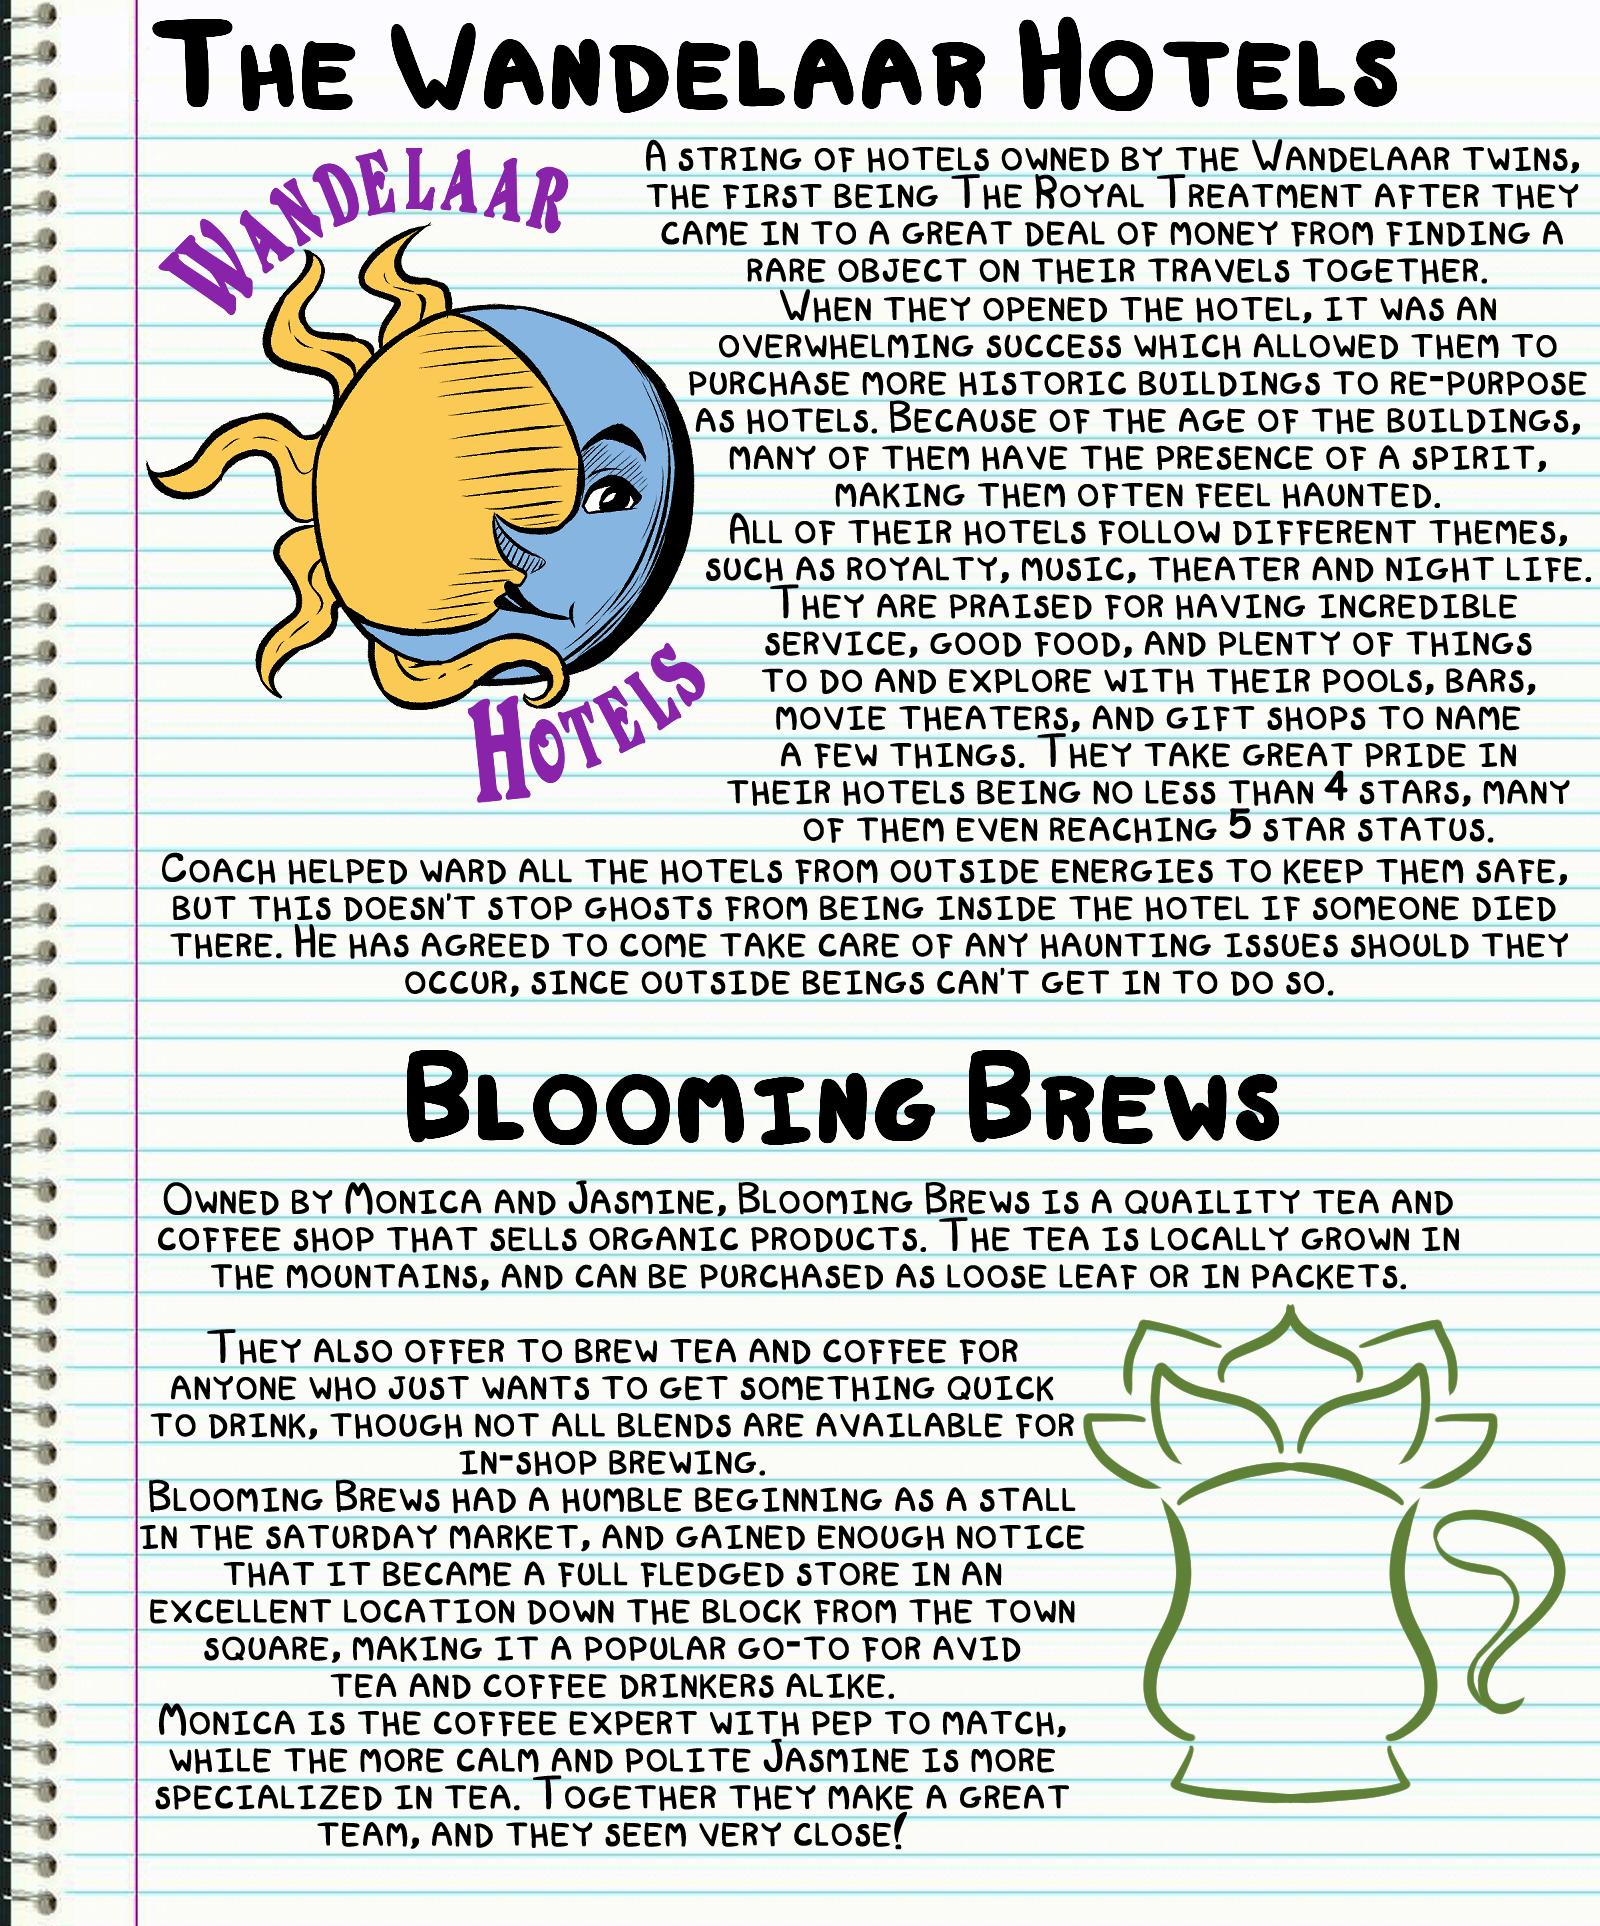 Journal Entry: Wandelaar Hotels and Blooming Brews